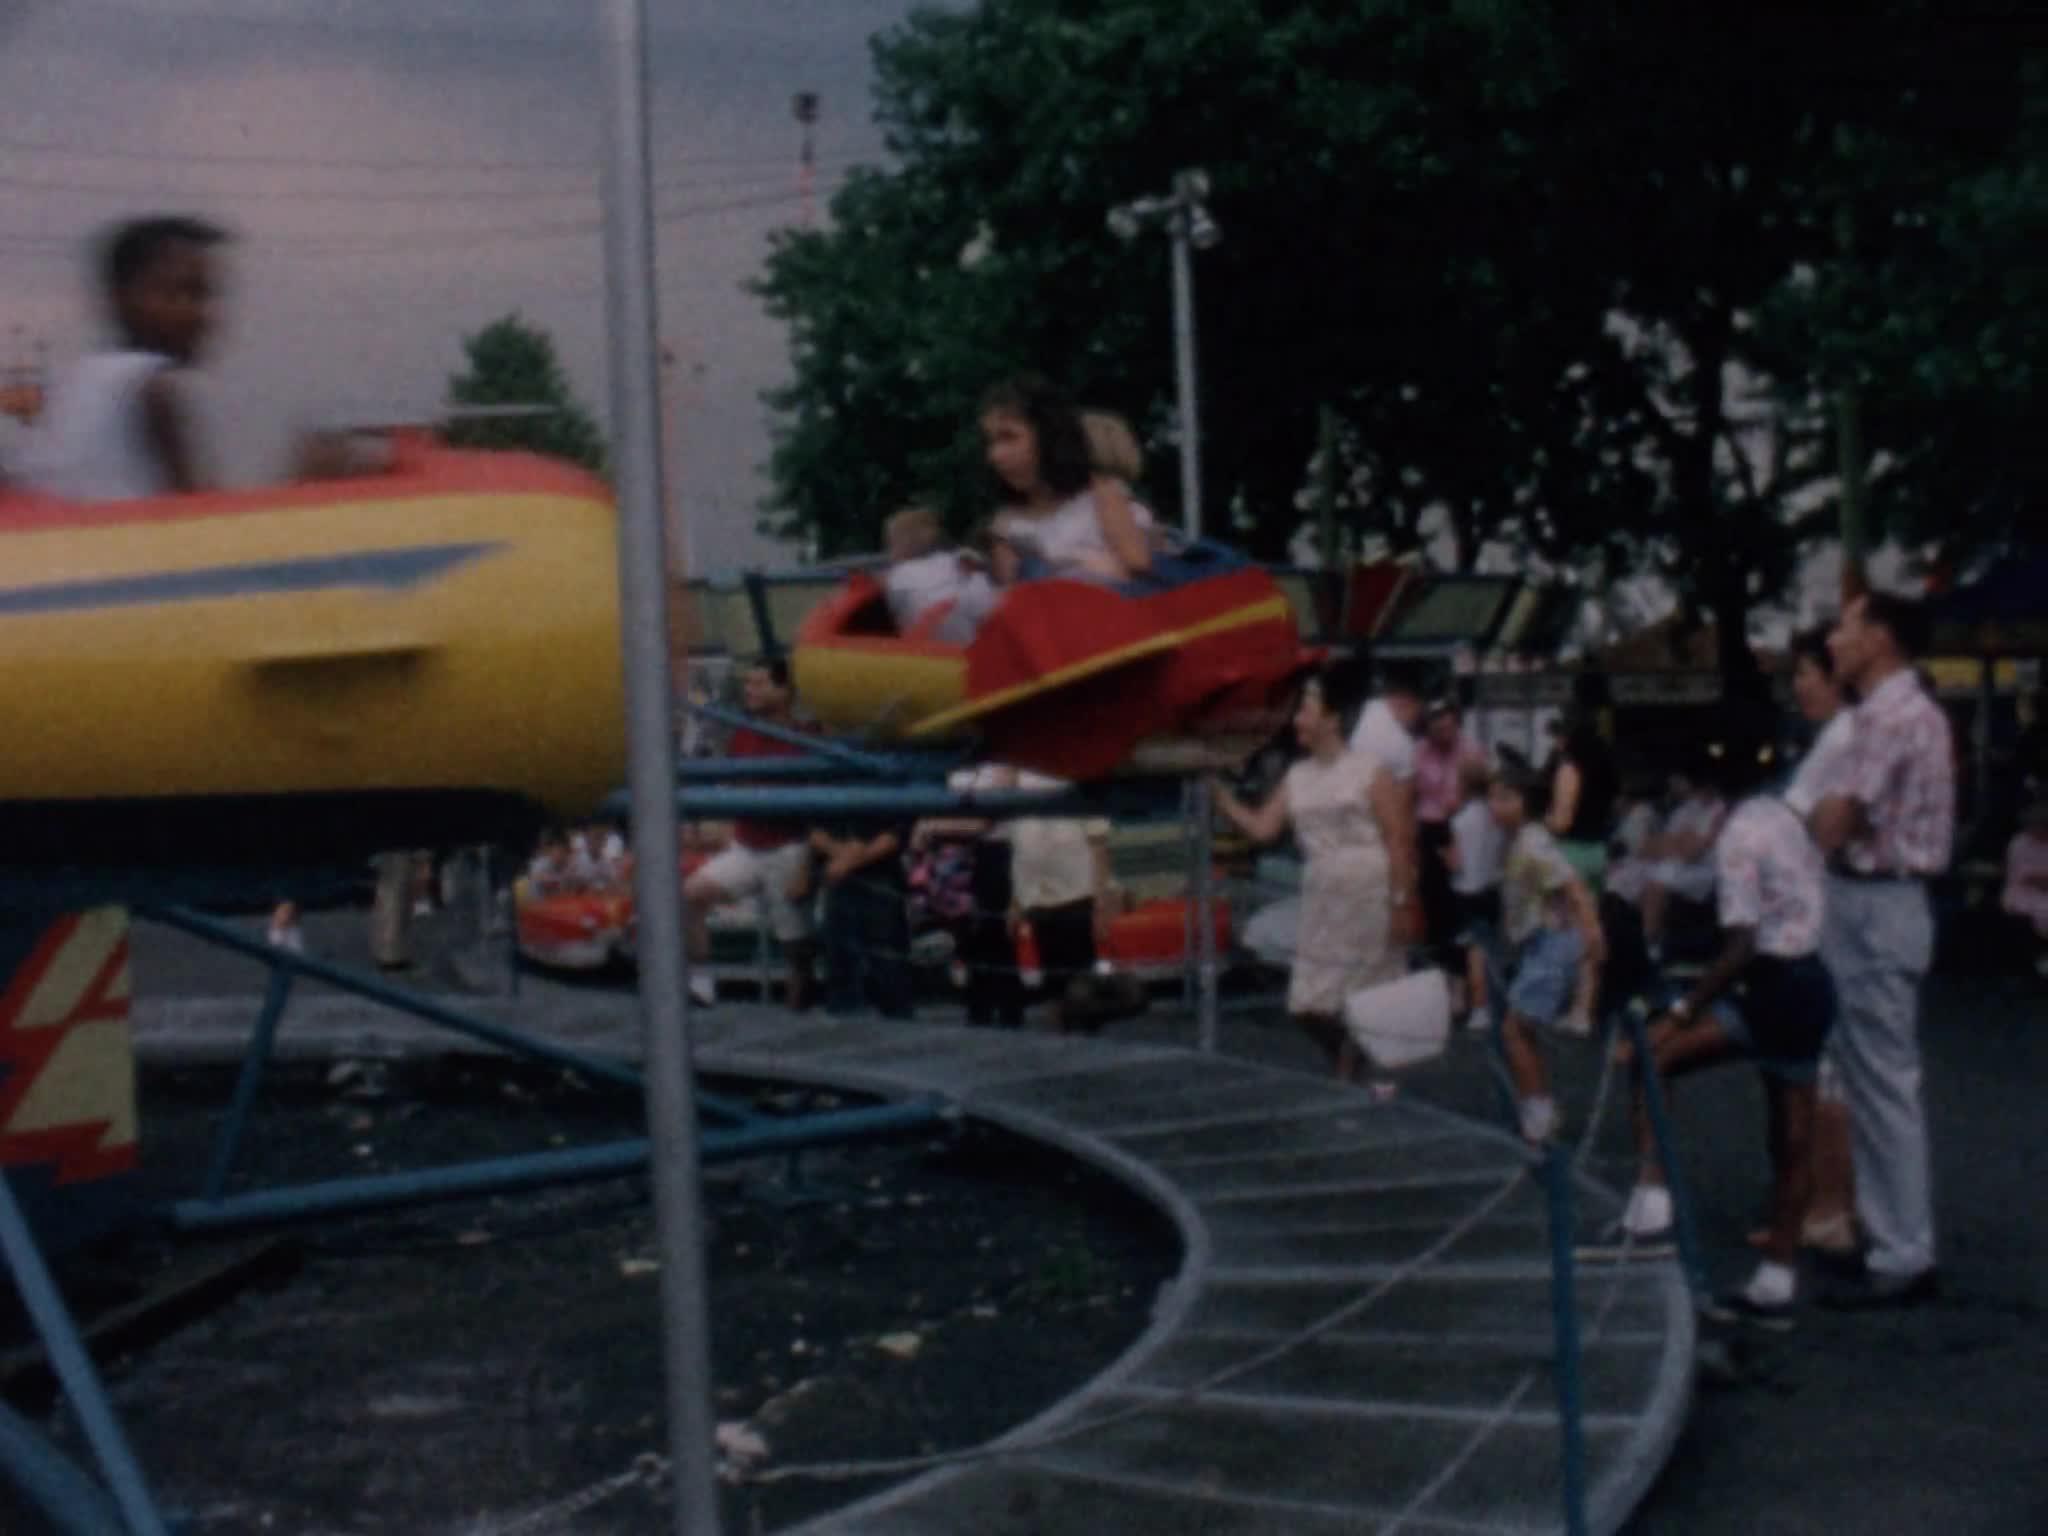 Barbara Bailey with Kids at Palisade Park, Part I